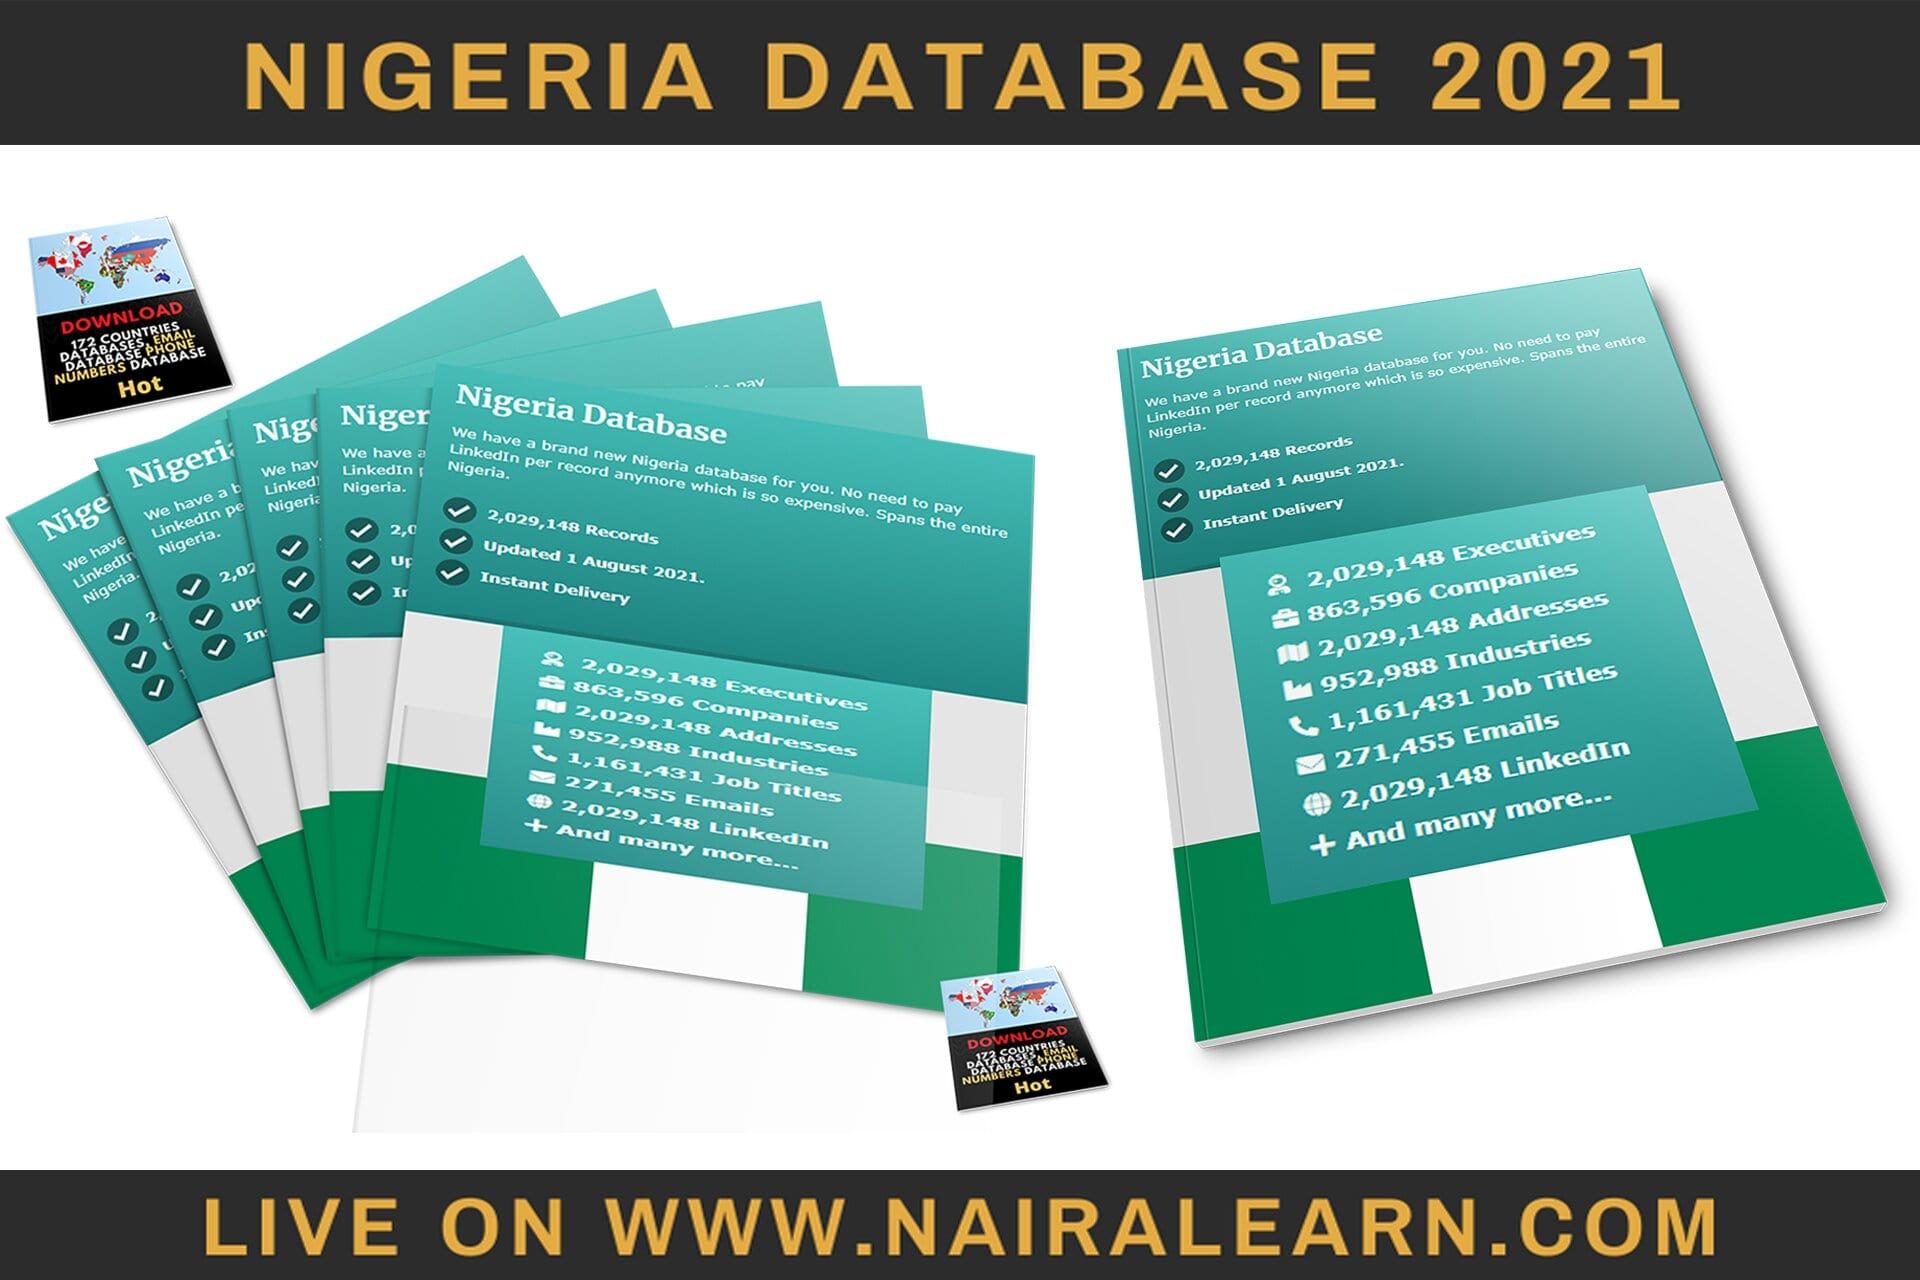 Nigeria Database 2021